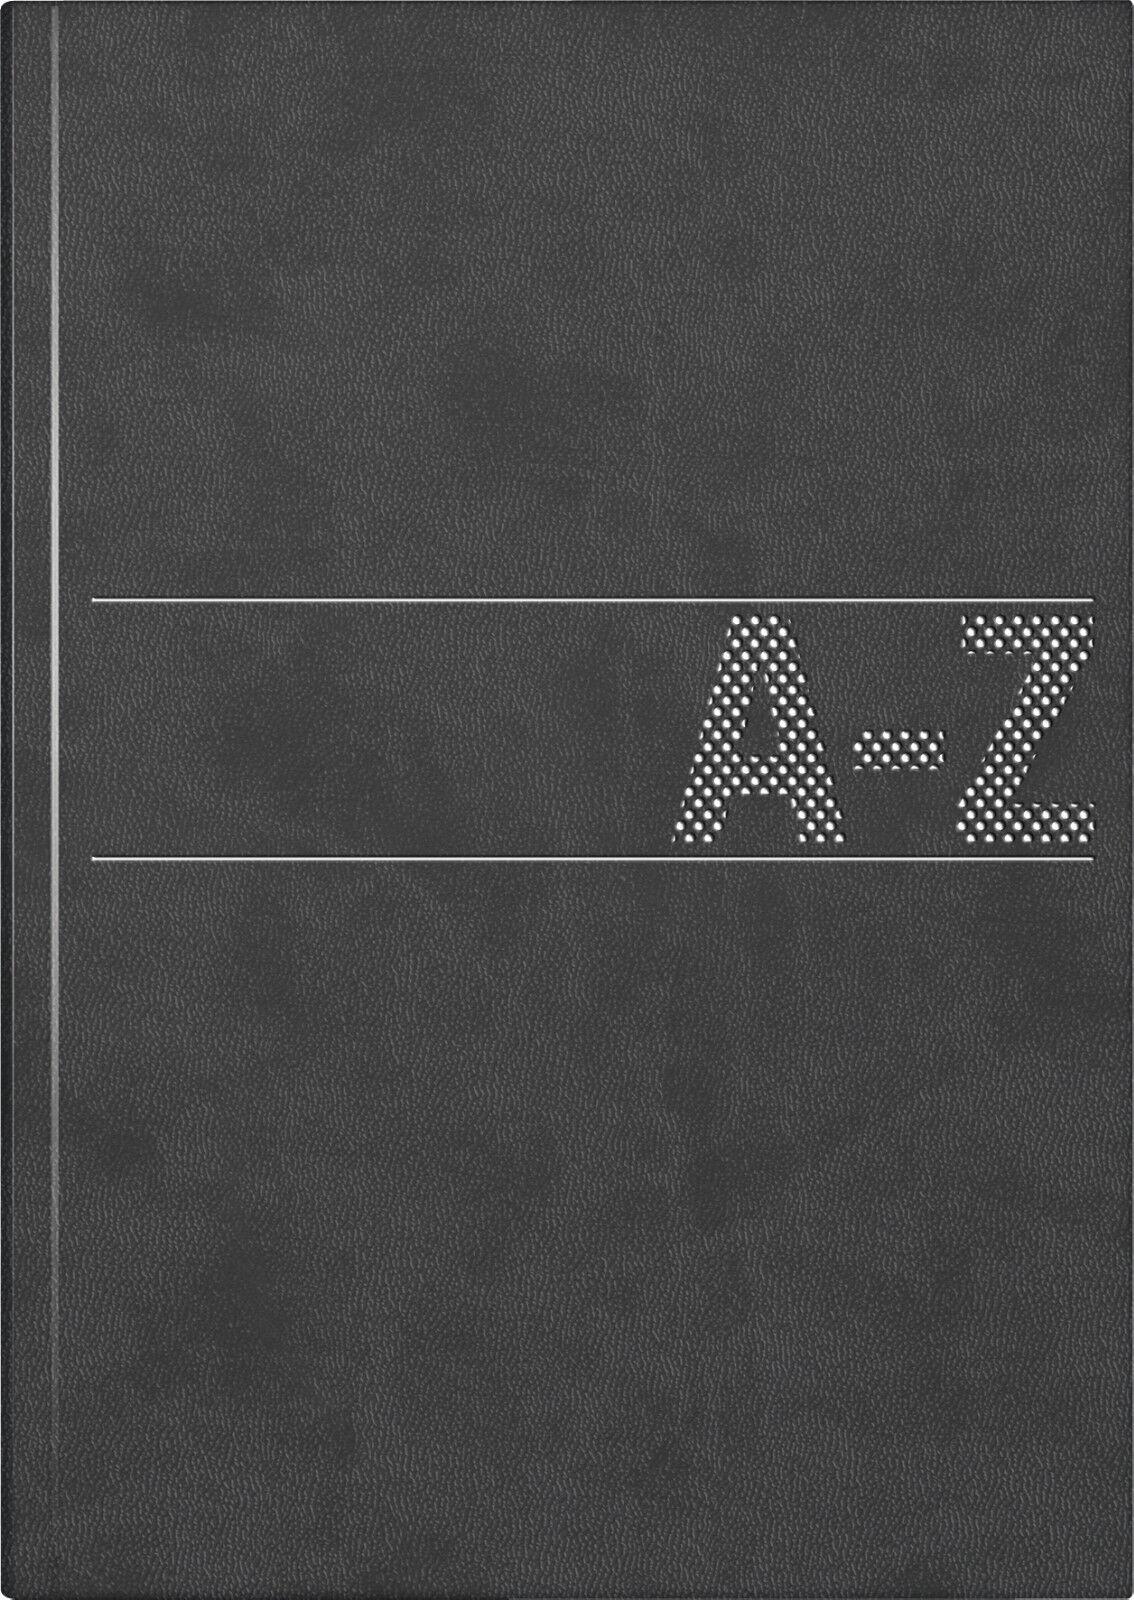 Telefonbuch Adressbuch Adresskartei Telefonregister schwarz A-Z Brunnen A5